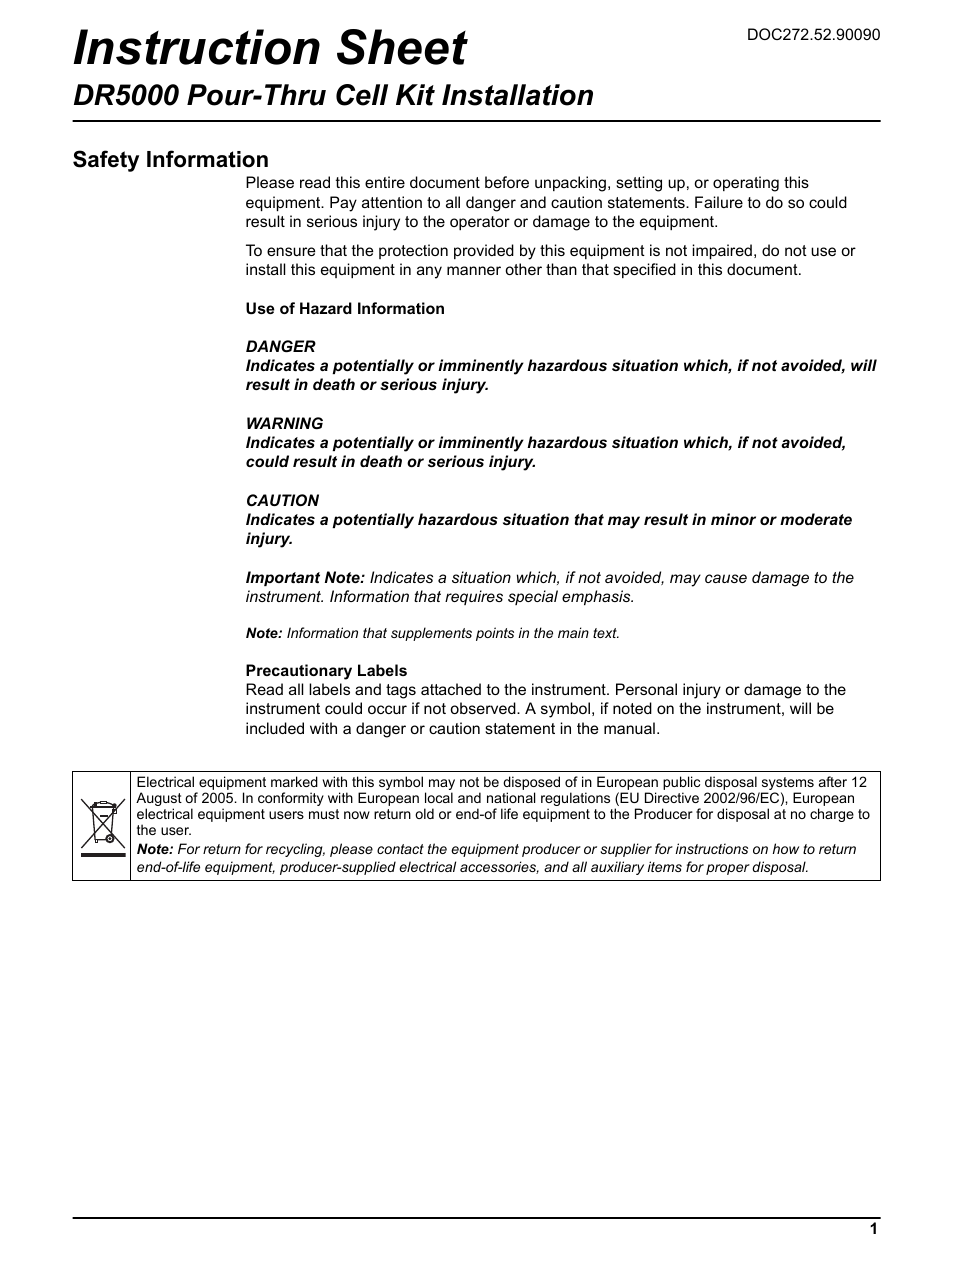 dr 5000 spectrophotometer user manual